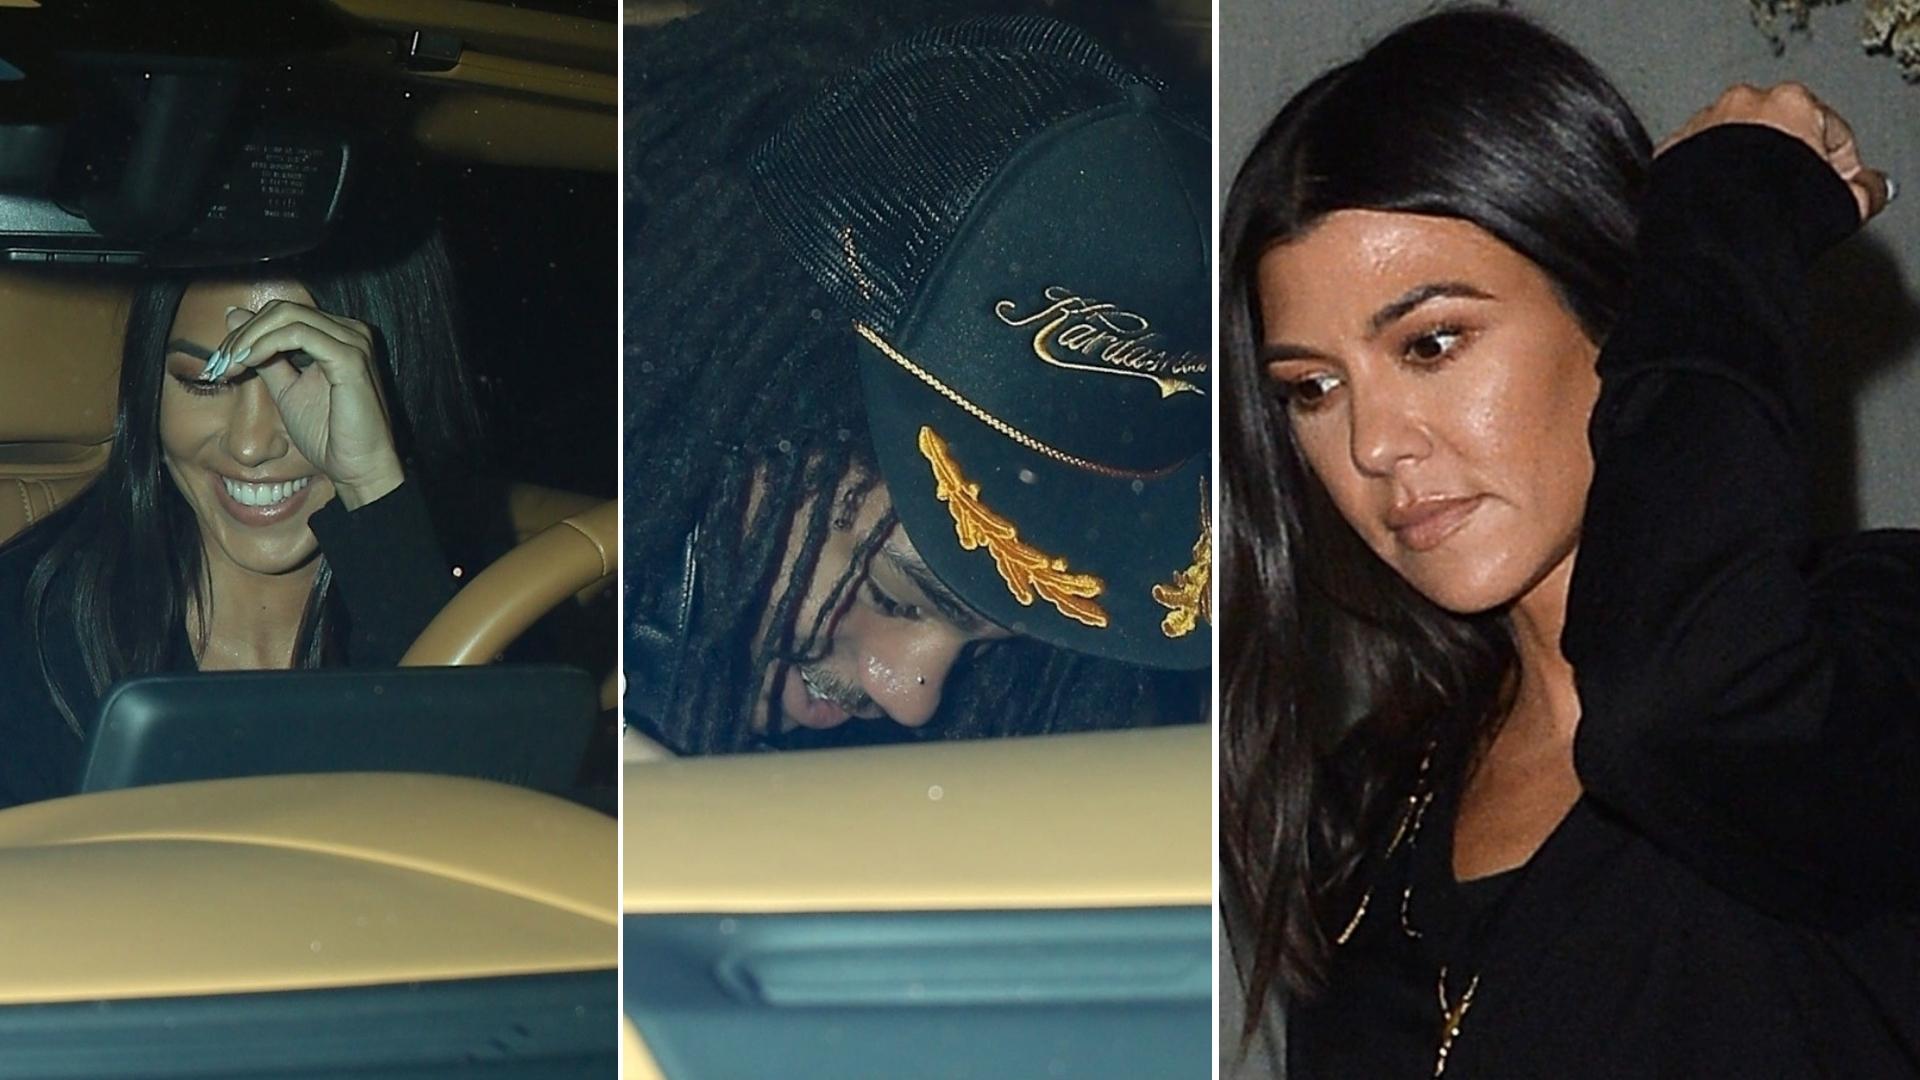 Romans Kourtney Kardashian z 20-letnim Luką trwa! Robi się GORĄCO (ZDJECIA)